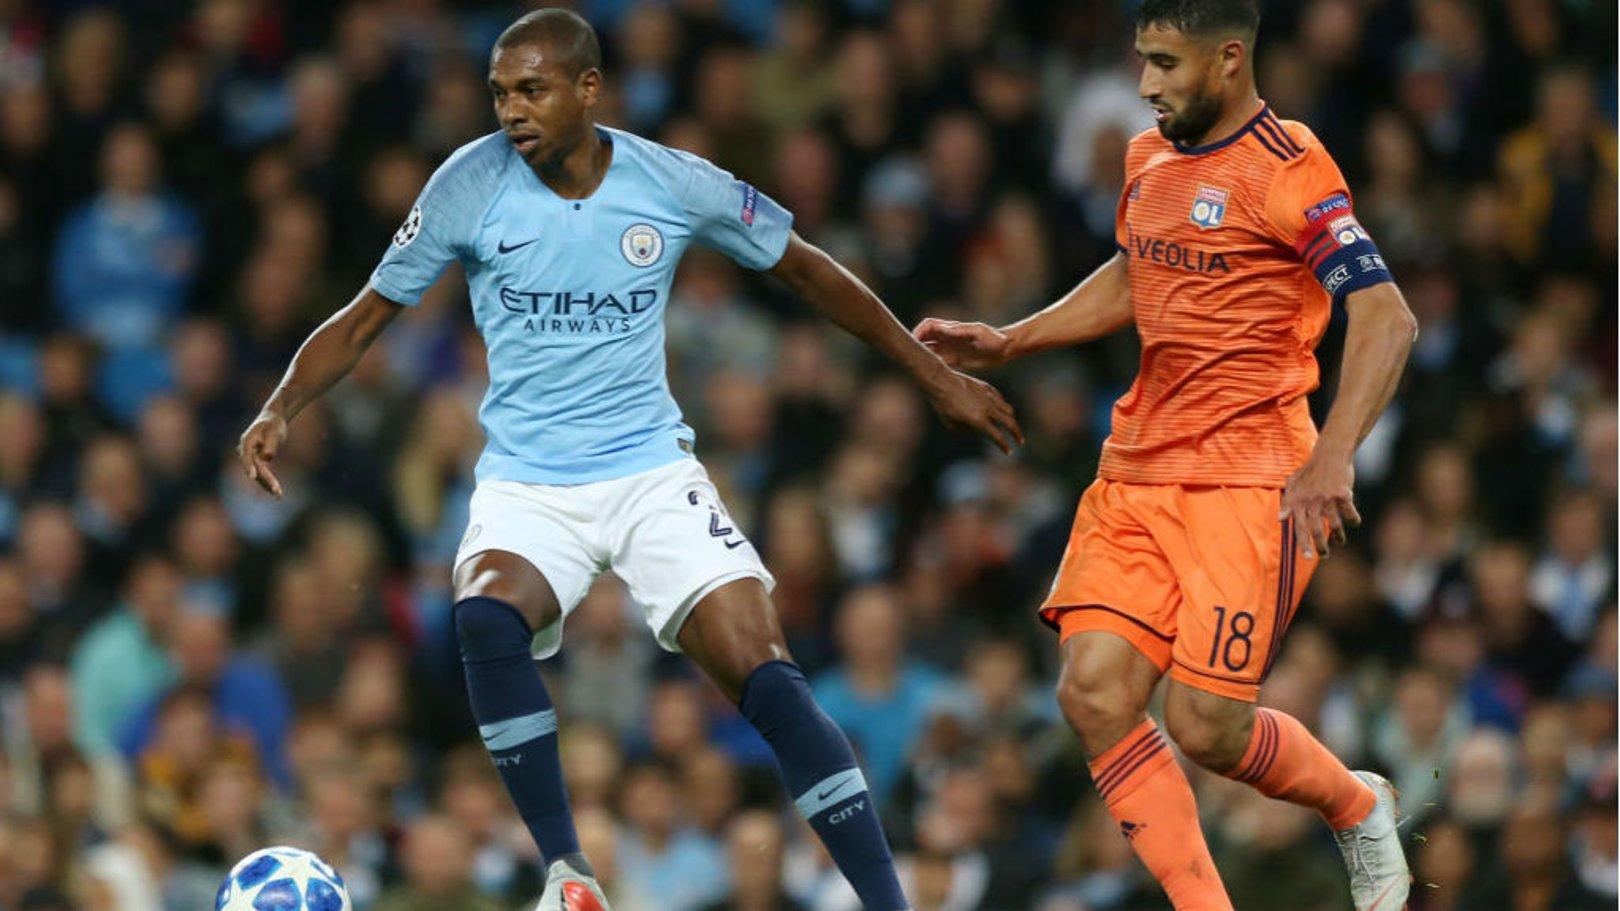 MIDDLE MARCH: Fernandinho takes on Lyon's Nabil Fekir